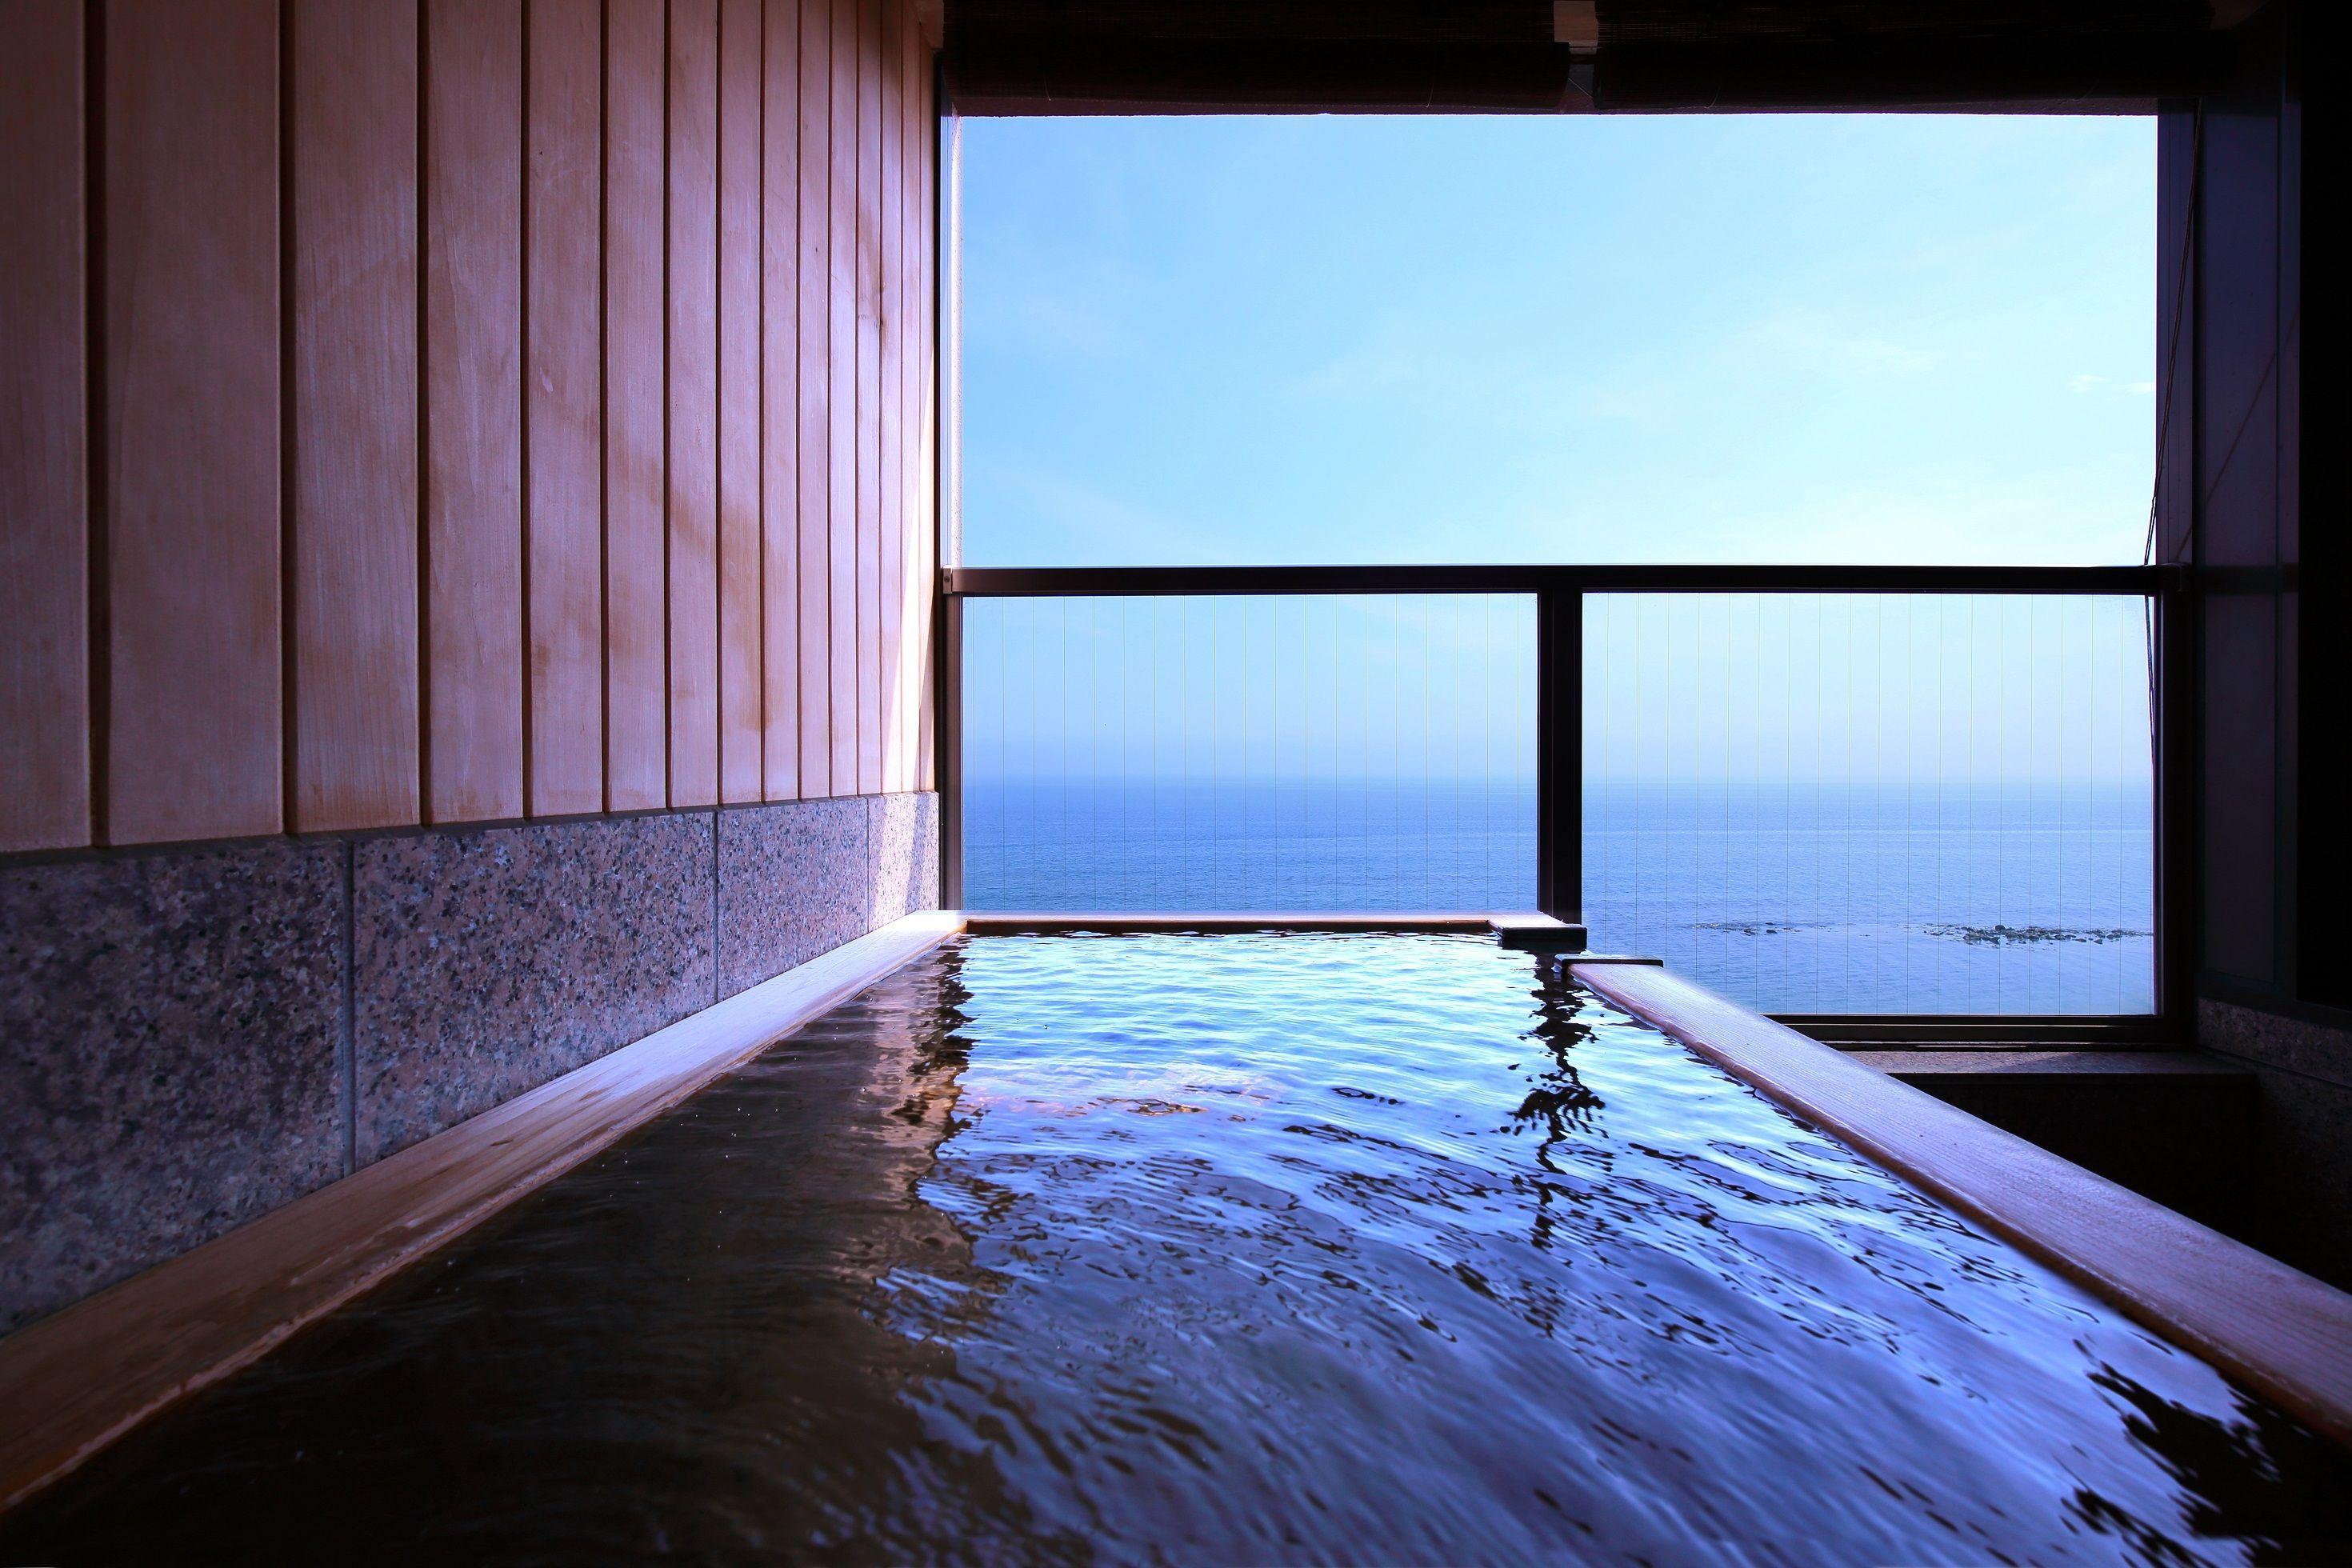 【早期予約30日前】30日前のご予約で函館旅をお得に♪1泊2食♪約60品のビュッフェ+花月宿泊者特別料理1品付